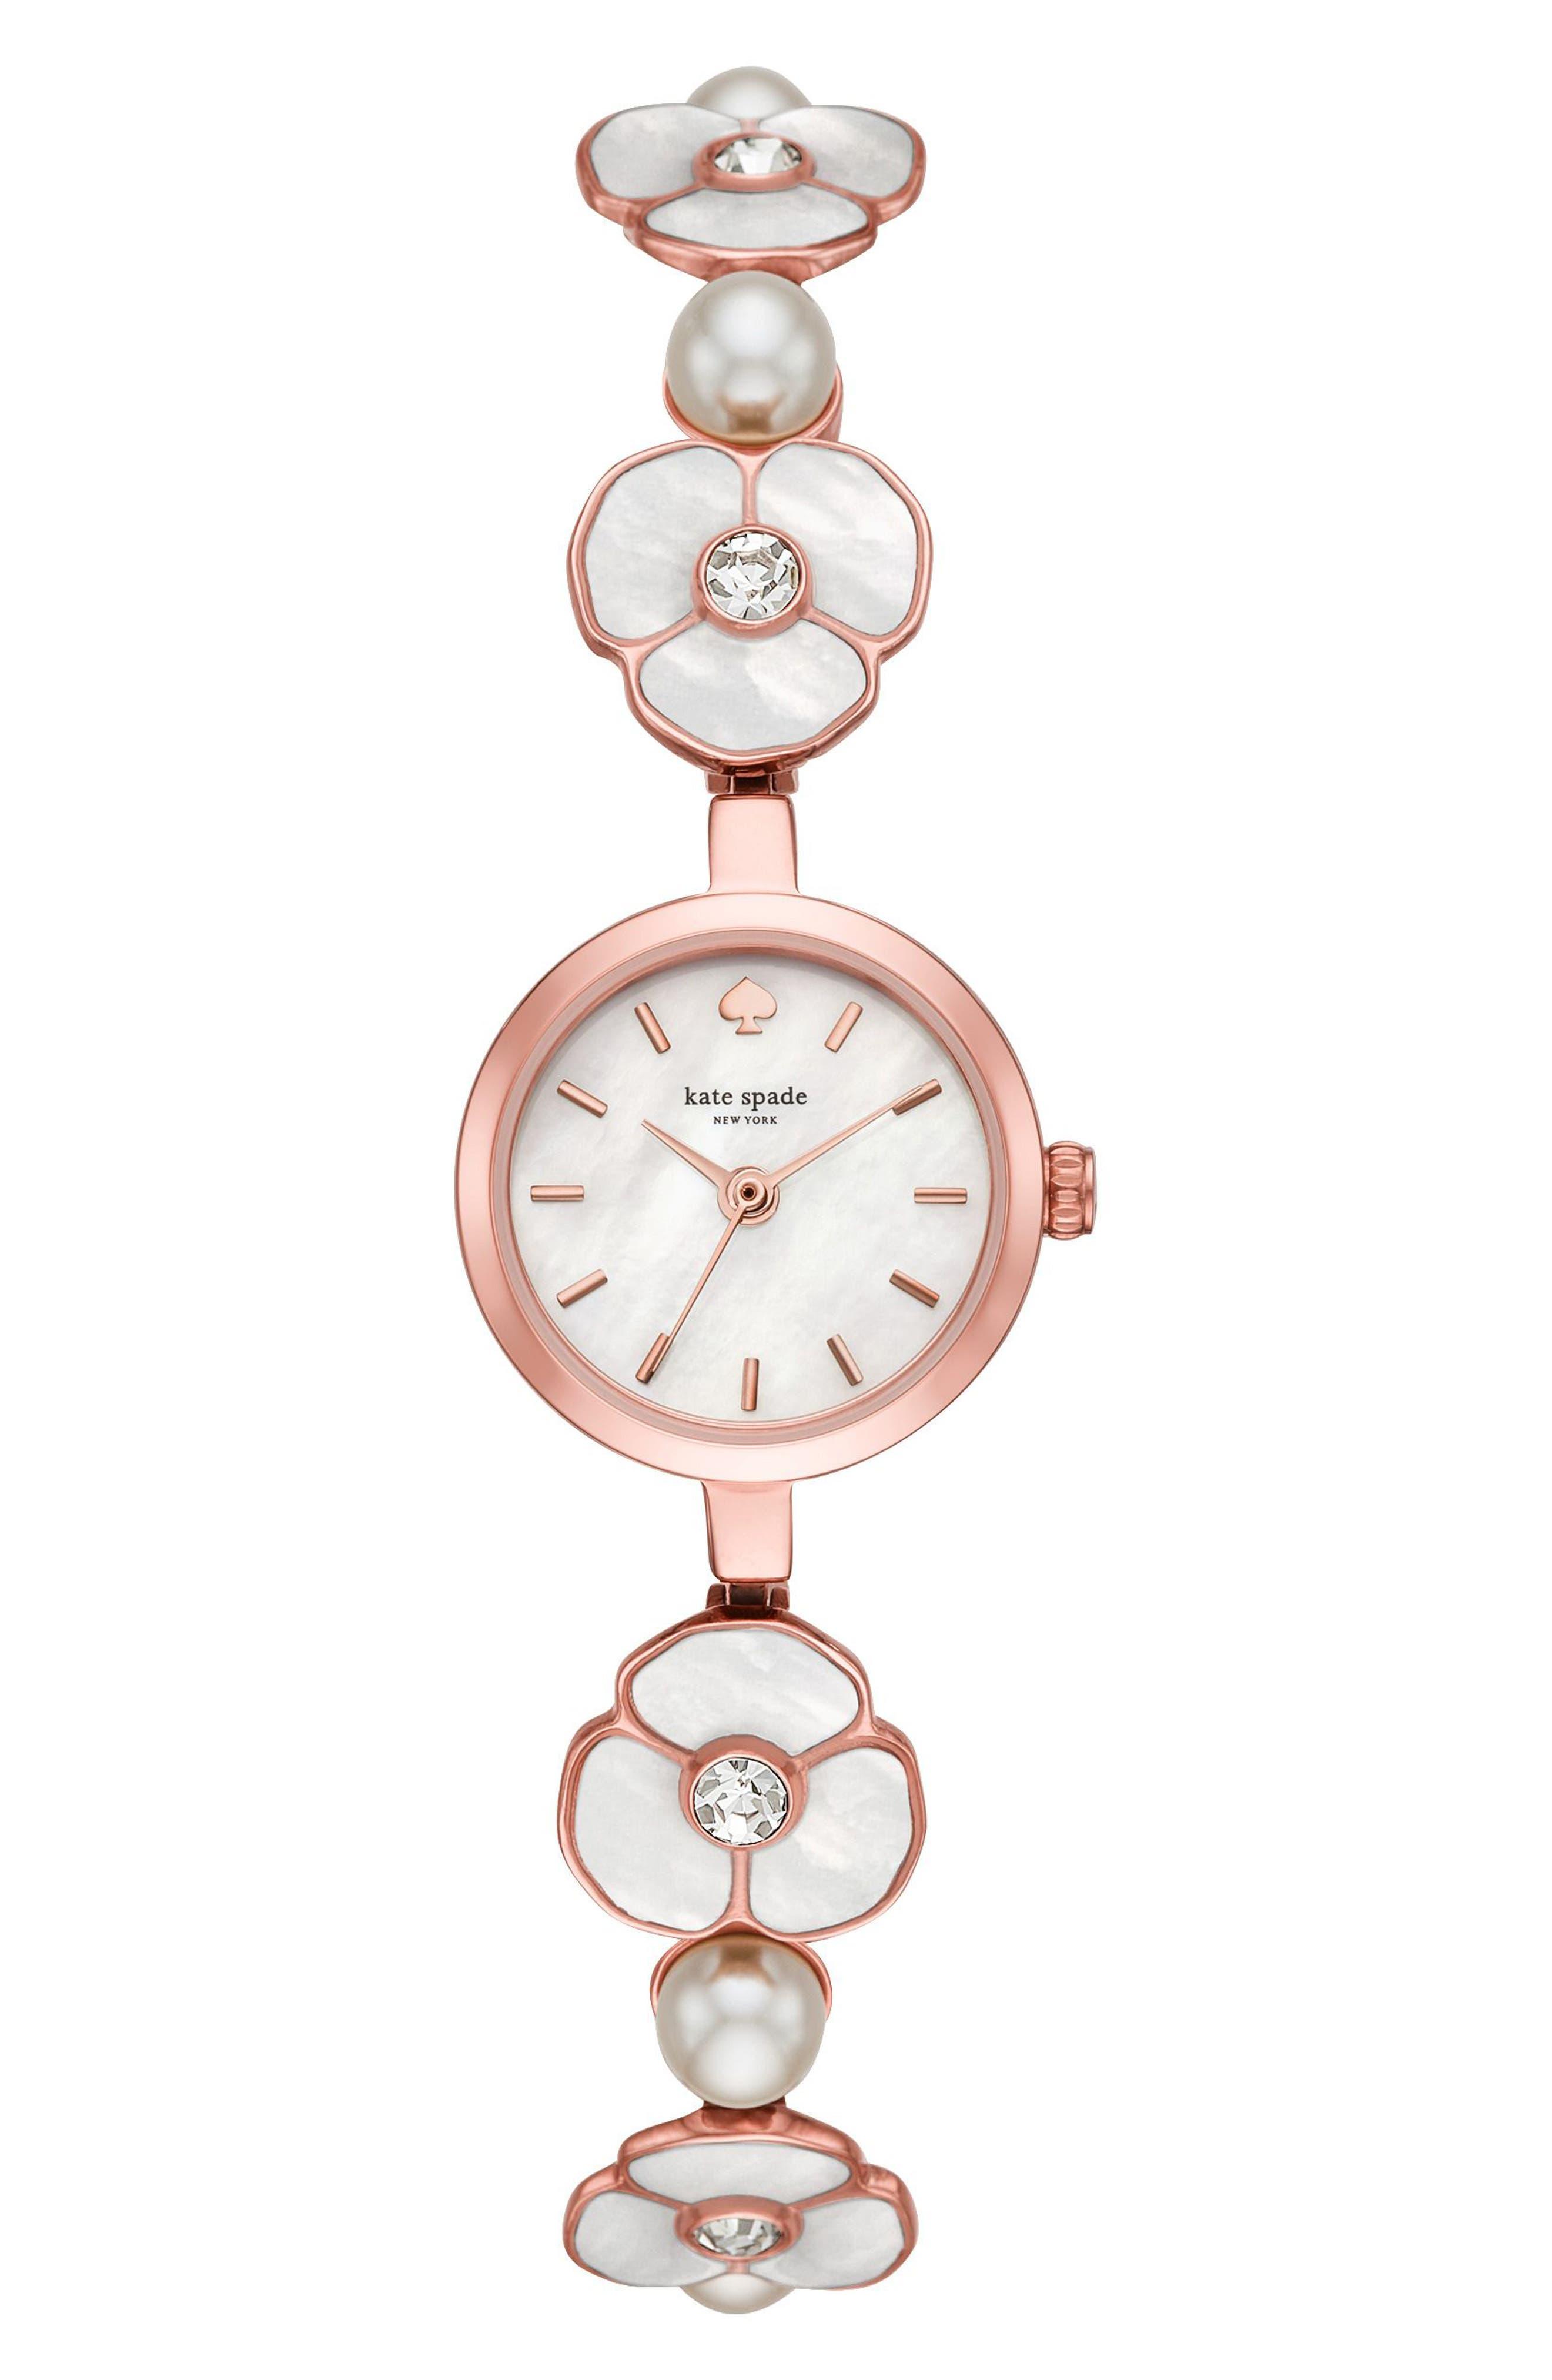 kate spade metro bracelet watch, 20mm,                             Main thumbnail 1, color,                             Pink/ Mop/ Pink